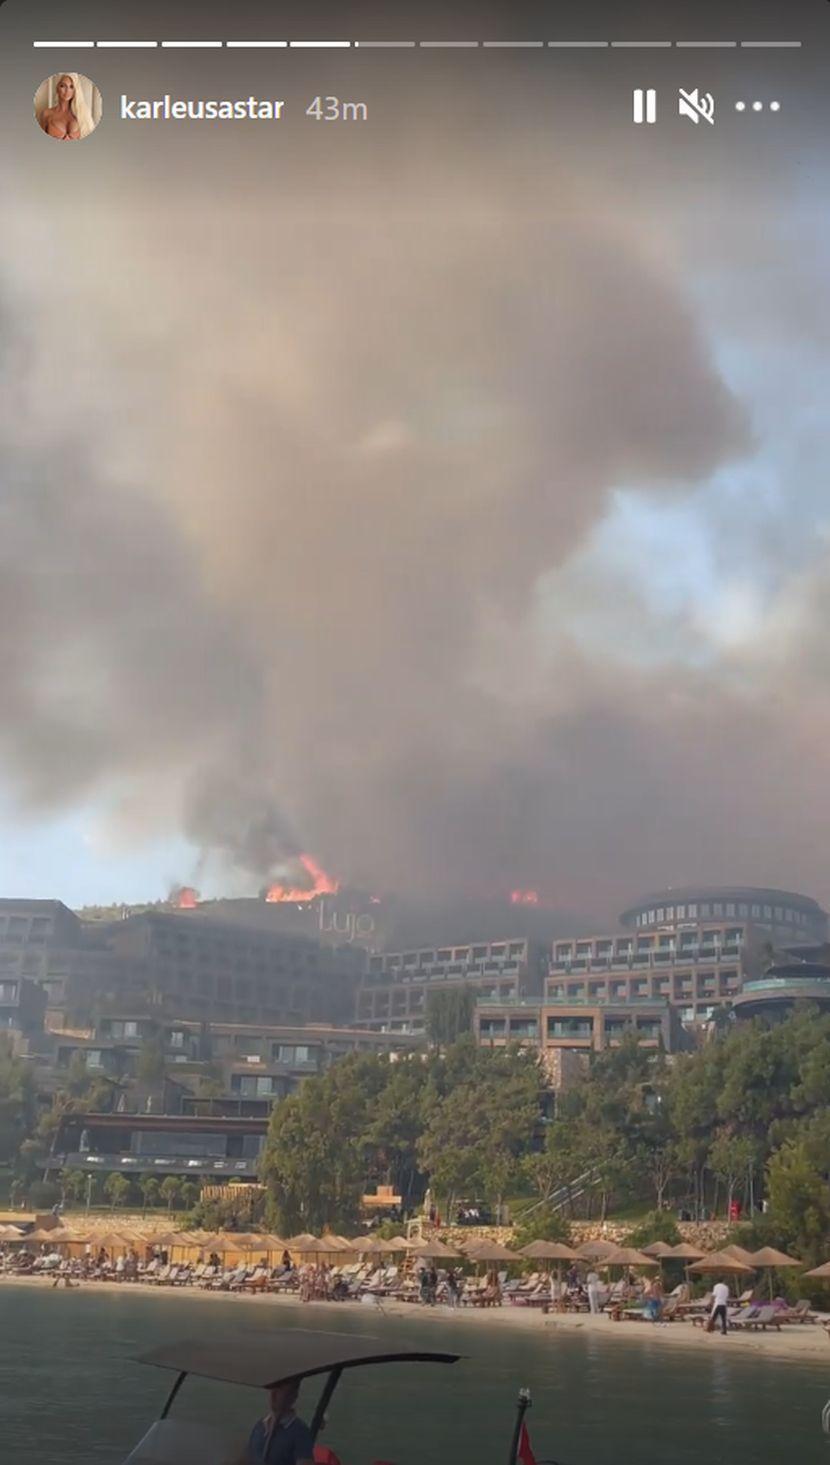 Karleuša sa ćerkama hitno evakuisana zbog požara! Sve gori, dim i pepeo svuda